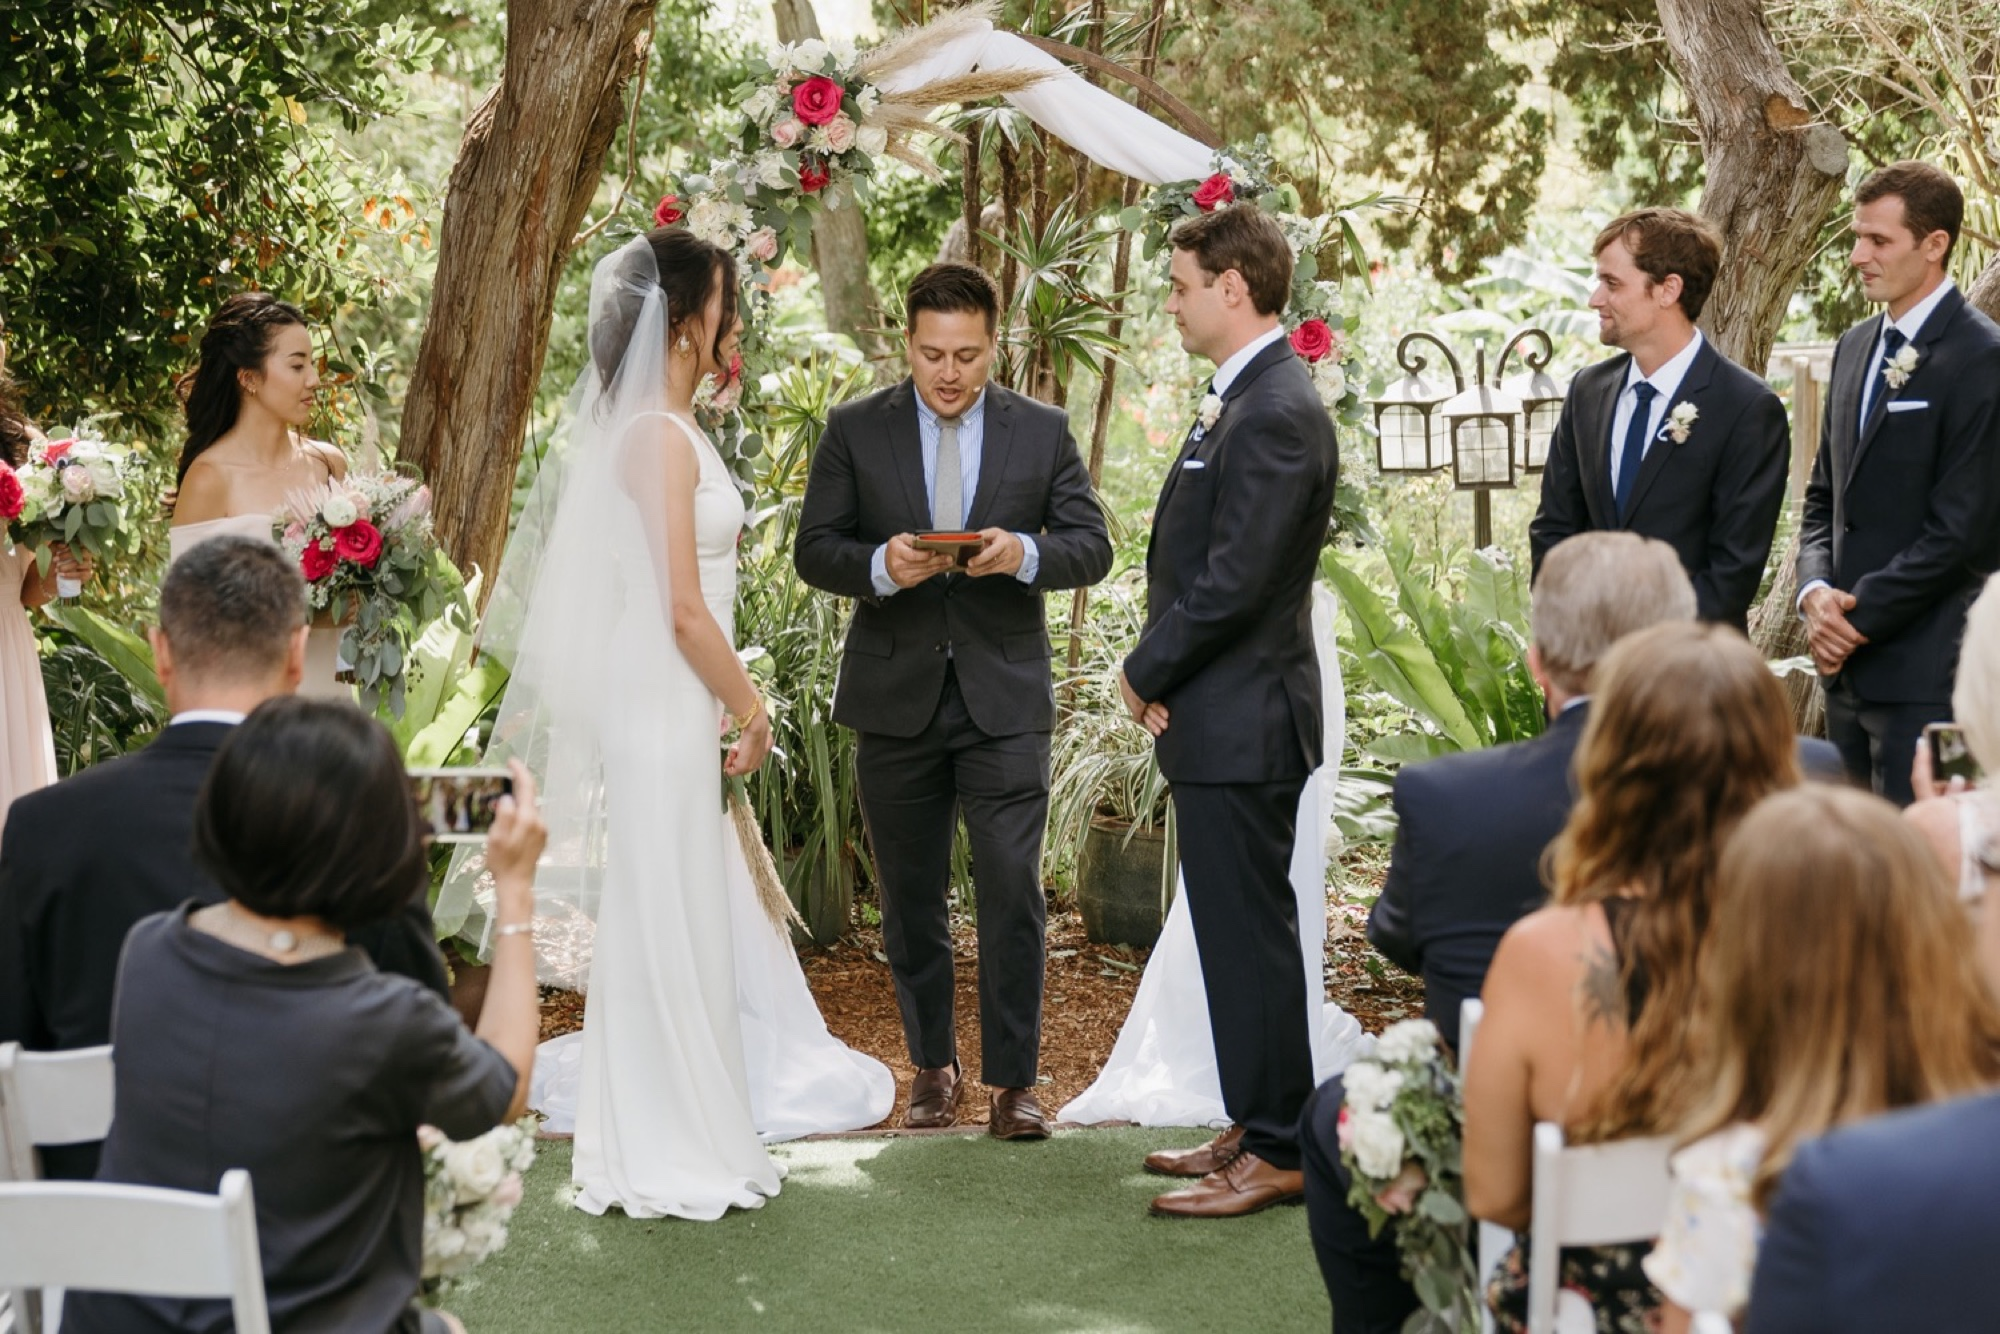 031_Shawna and Steve's Wedding-182.jpg